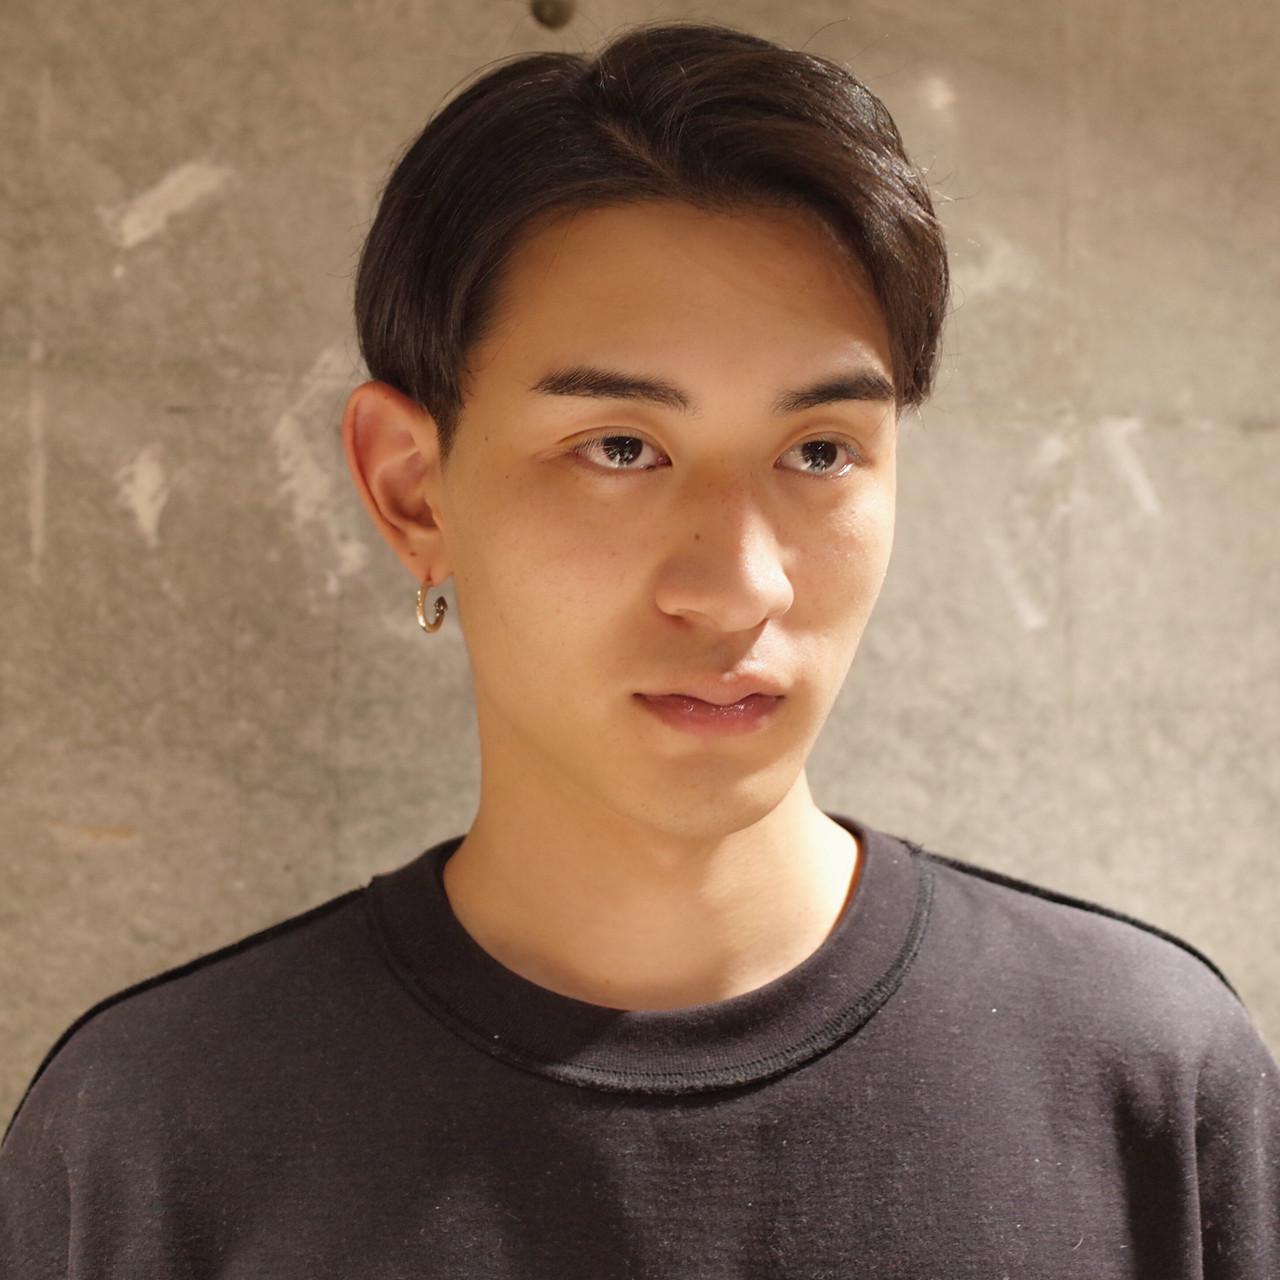 メンズ メンズヘア 刈り上げ ショート ヘアスタイルや髪型の写真・画像